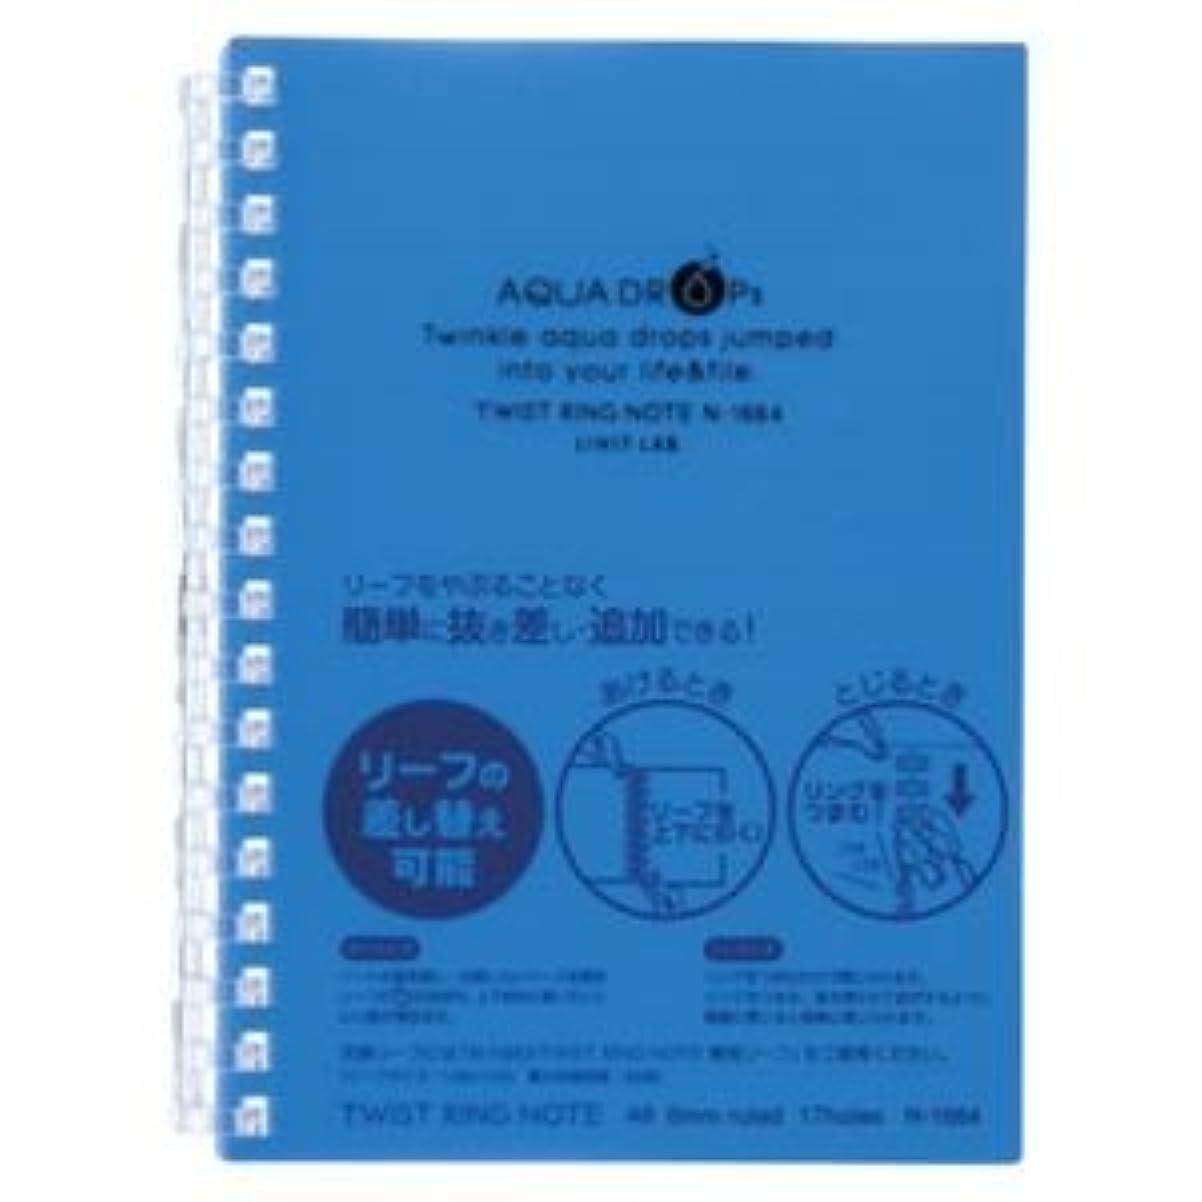 (業務用セット) リヒトラブ AQUA DROPs ツイストリング?ノート A6判 N-1664-8 青 1冊入 【×10セット】